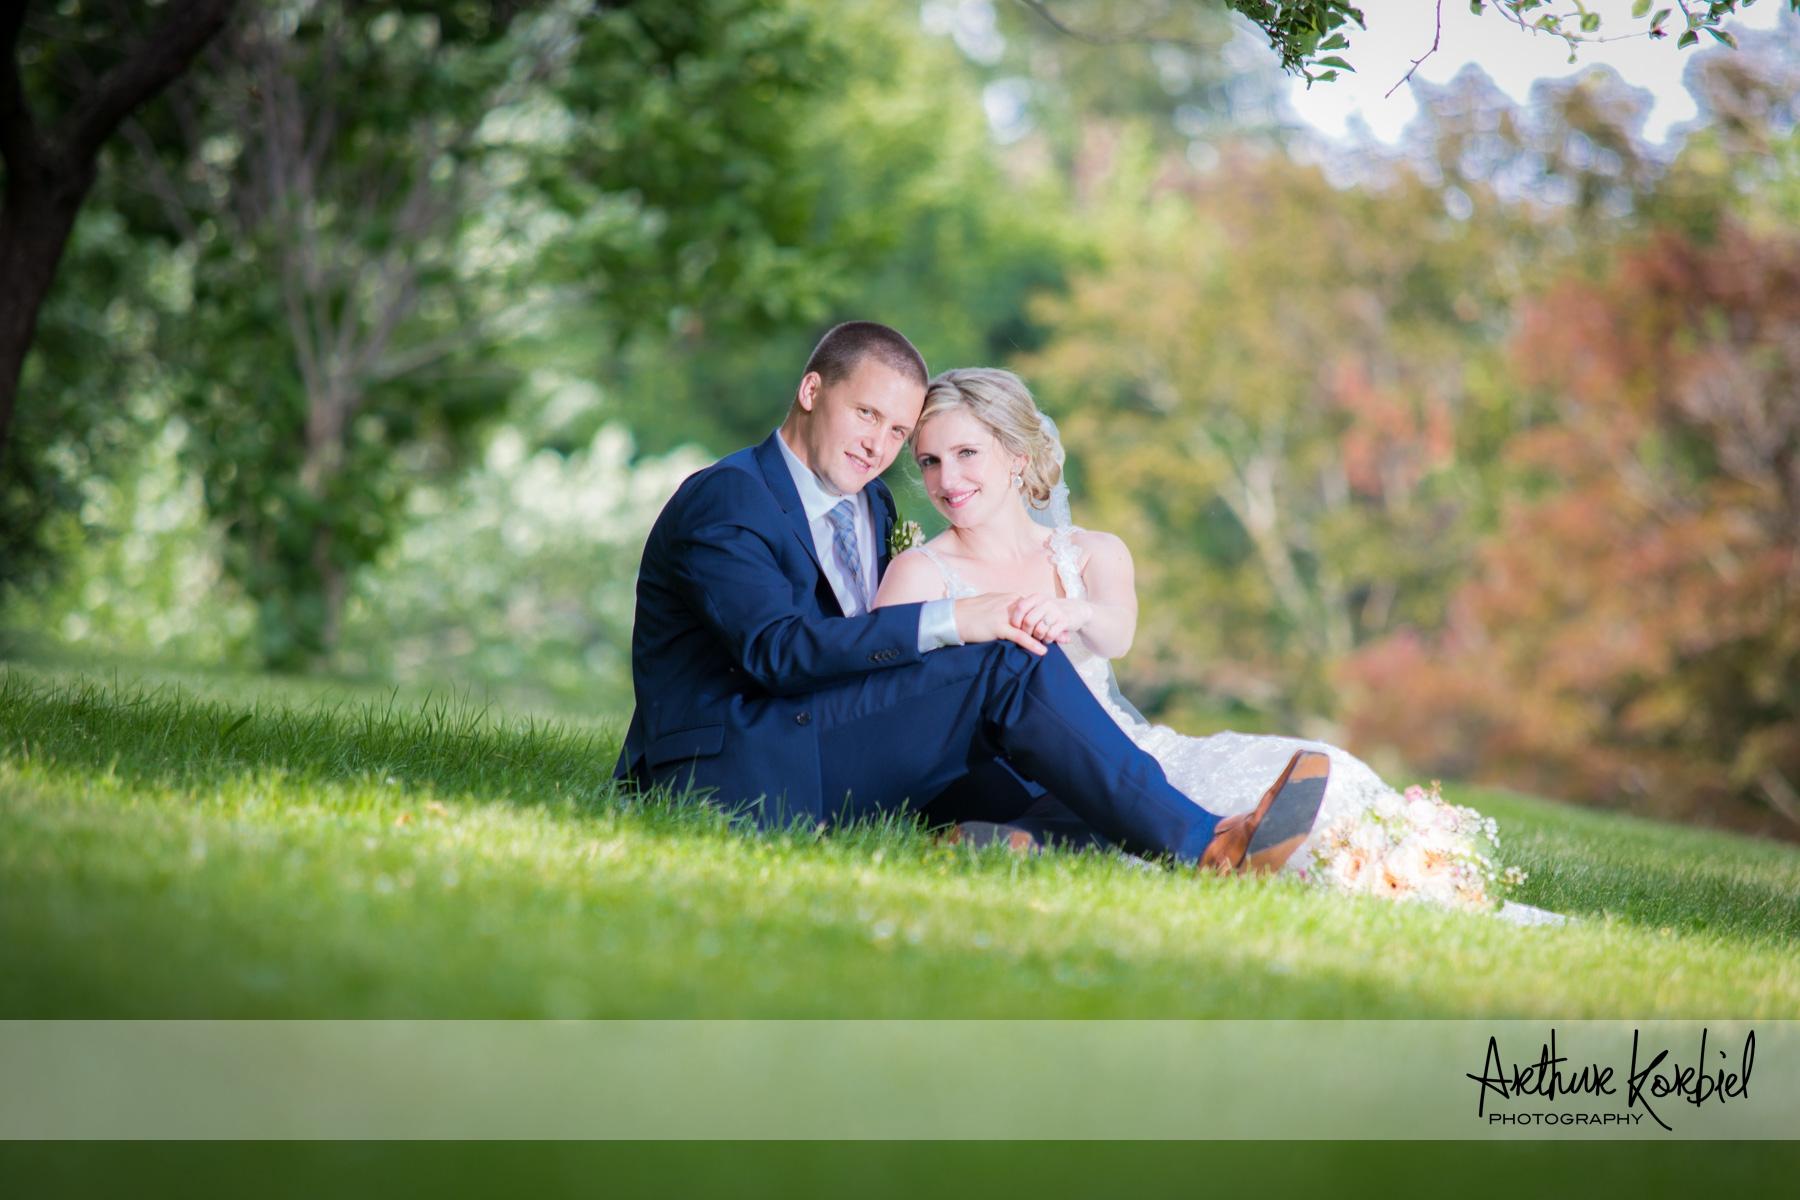 Arthur Korbiel Photography - London Wedding Photographer-035.jpg